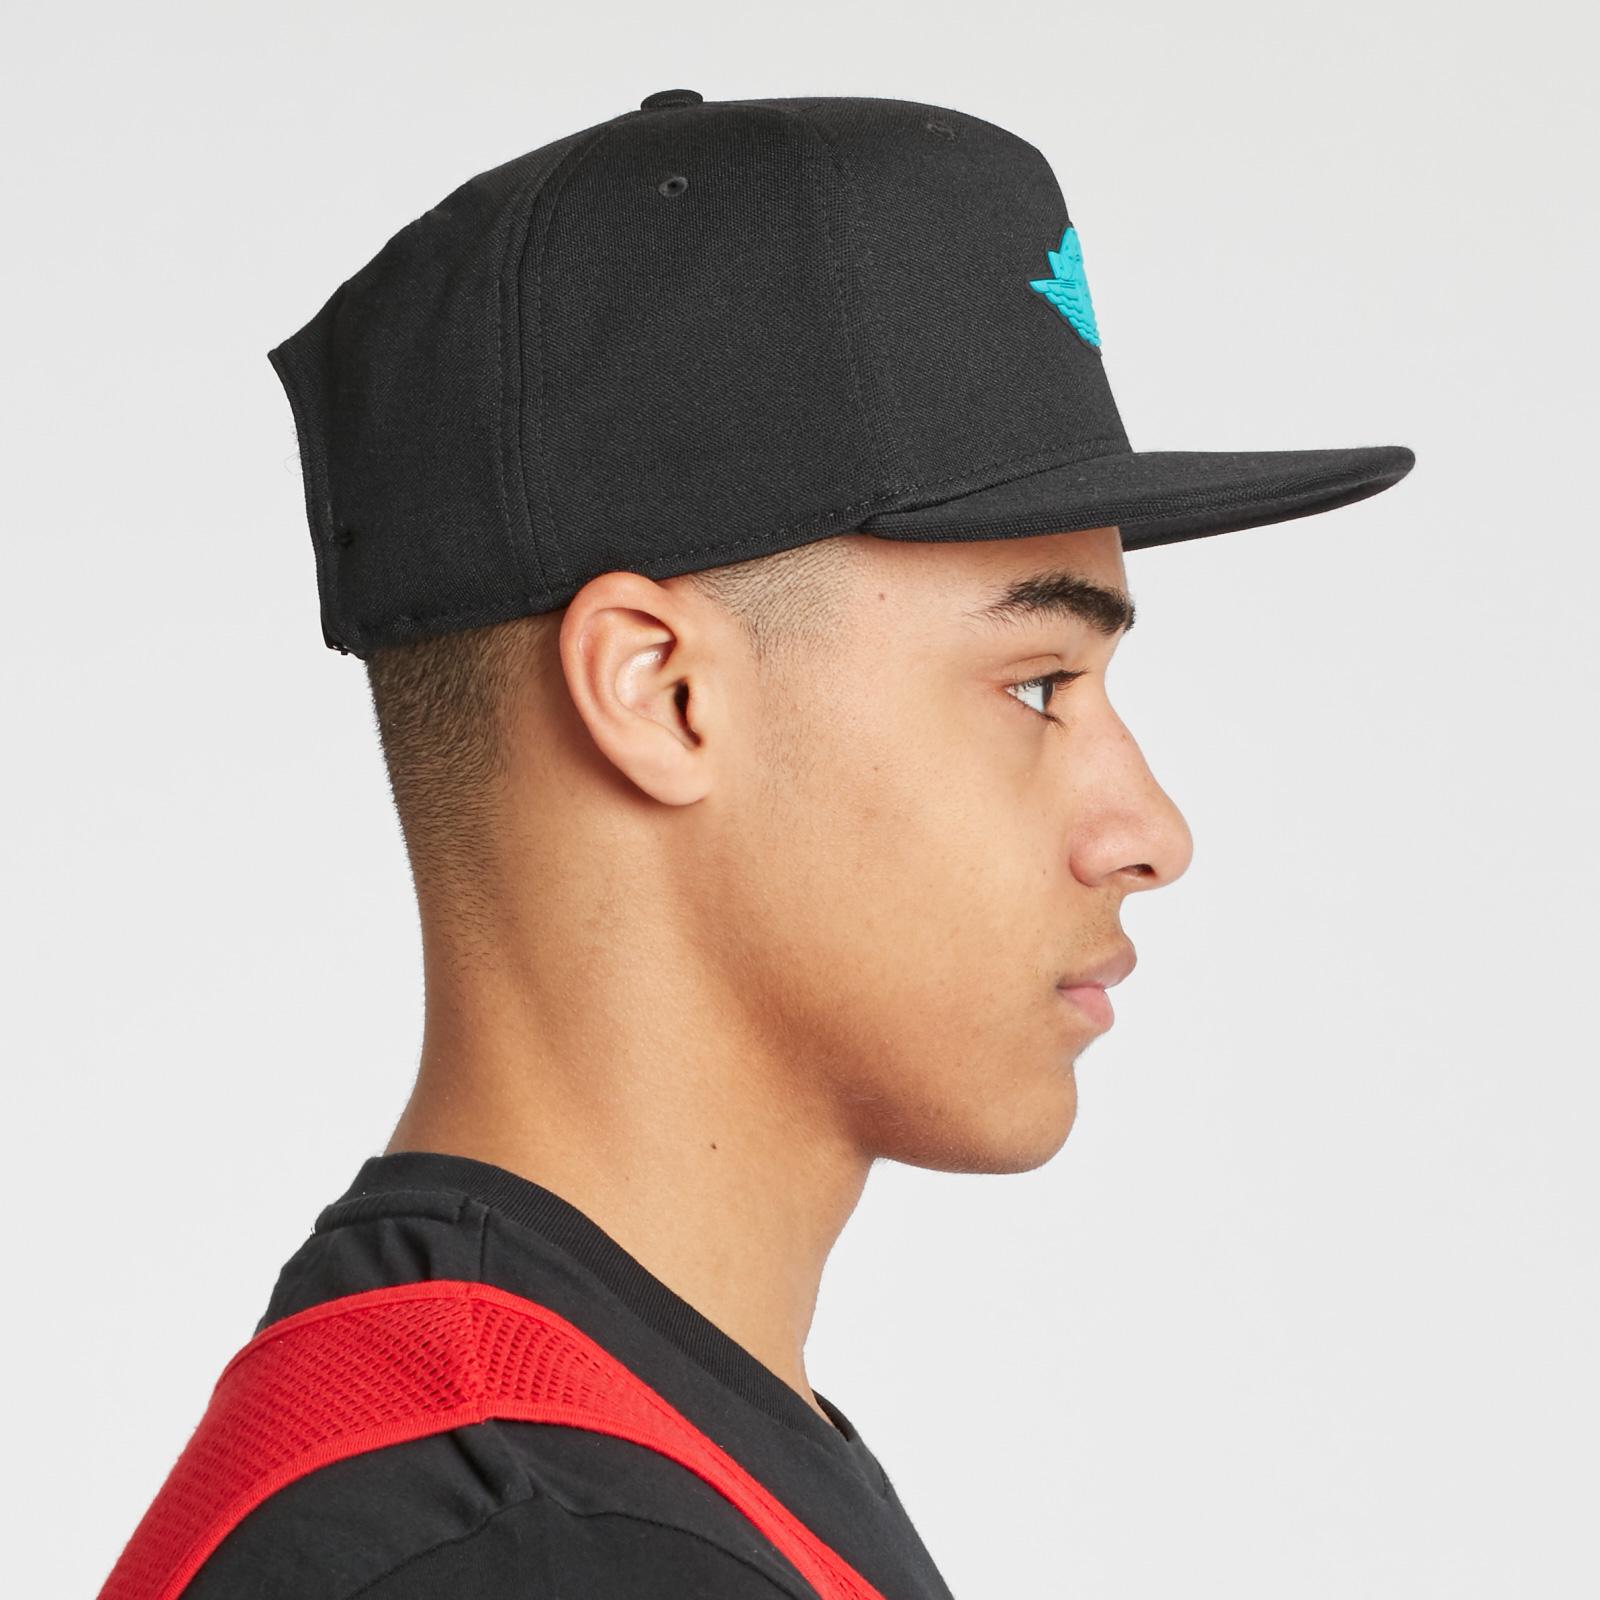 38d2f37eae2069 Jordan Brand Wings Strapback - 875117-011 - Sneakersnstuff I Sneakers    Streetwear online seit 1999